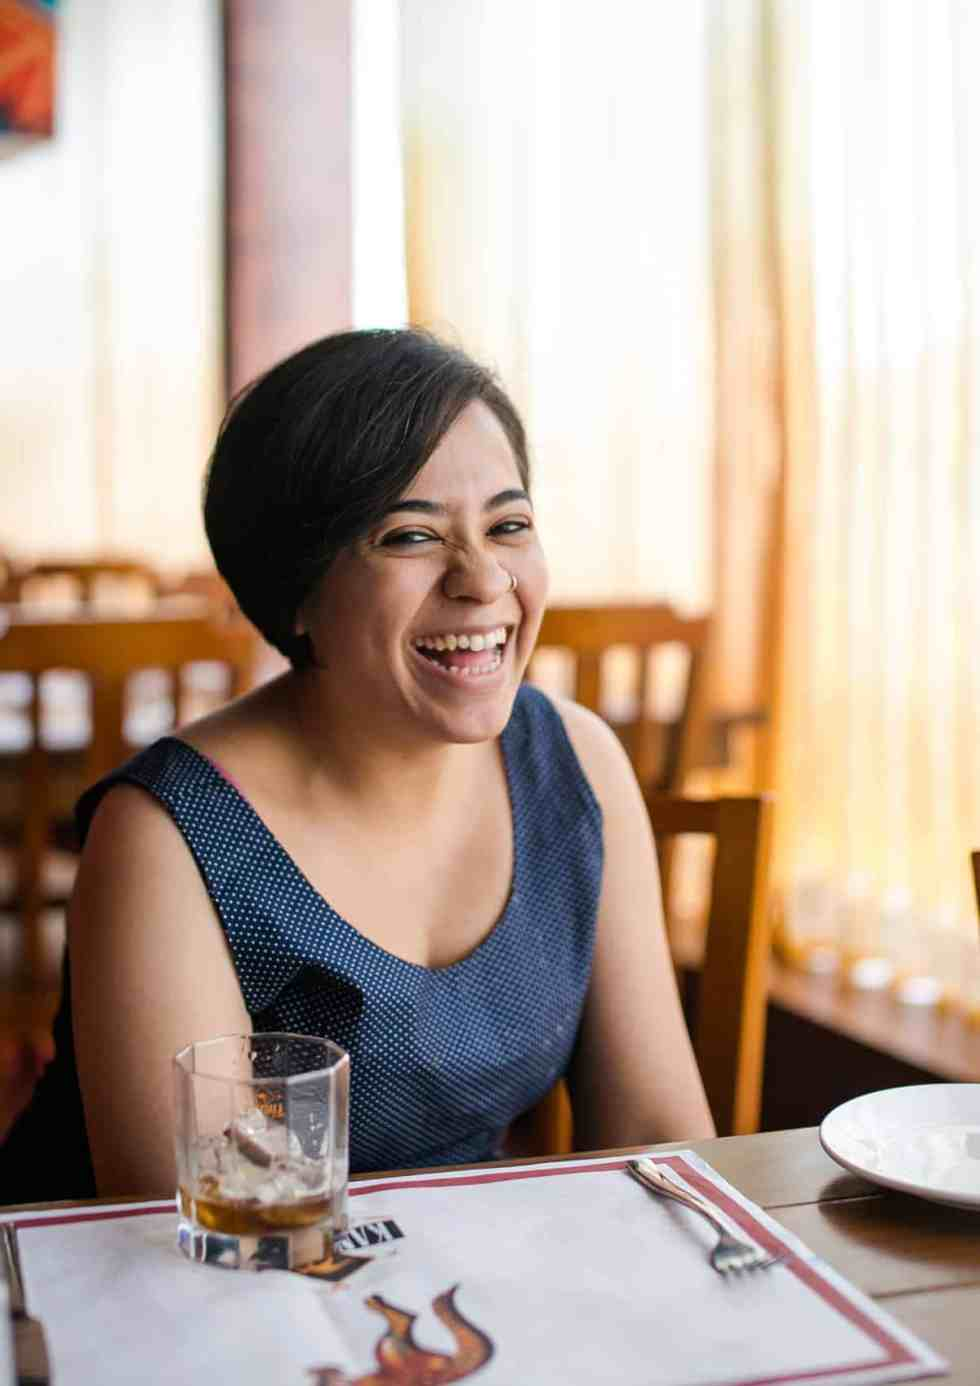 Richa Gupta, blogger at My Food Story